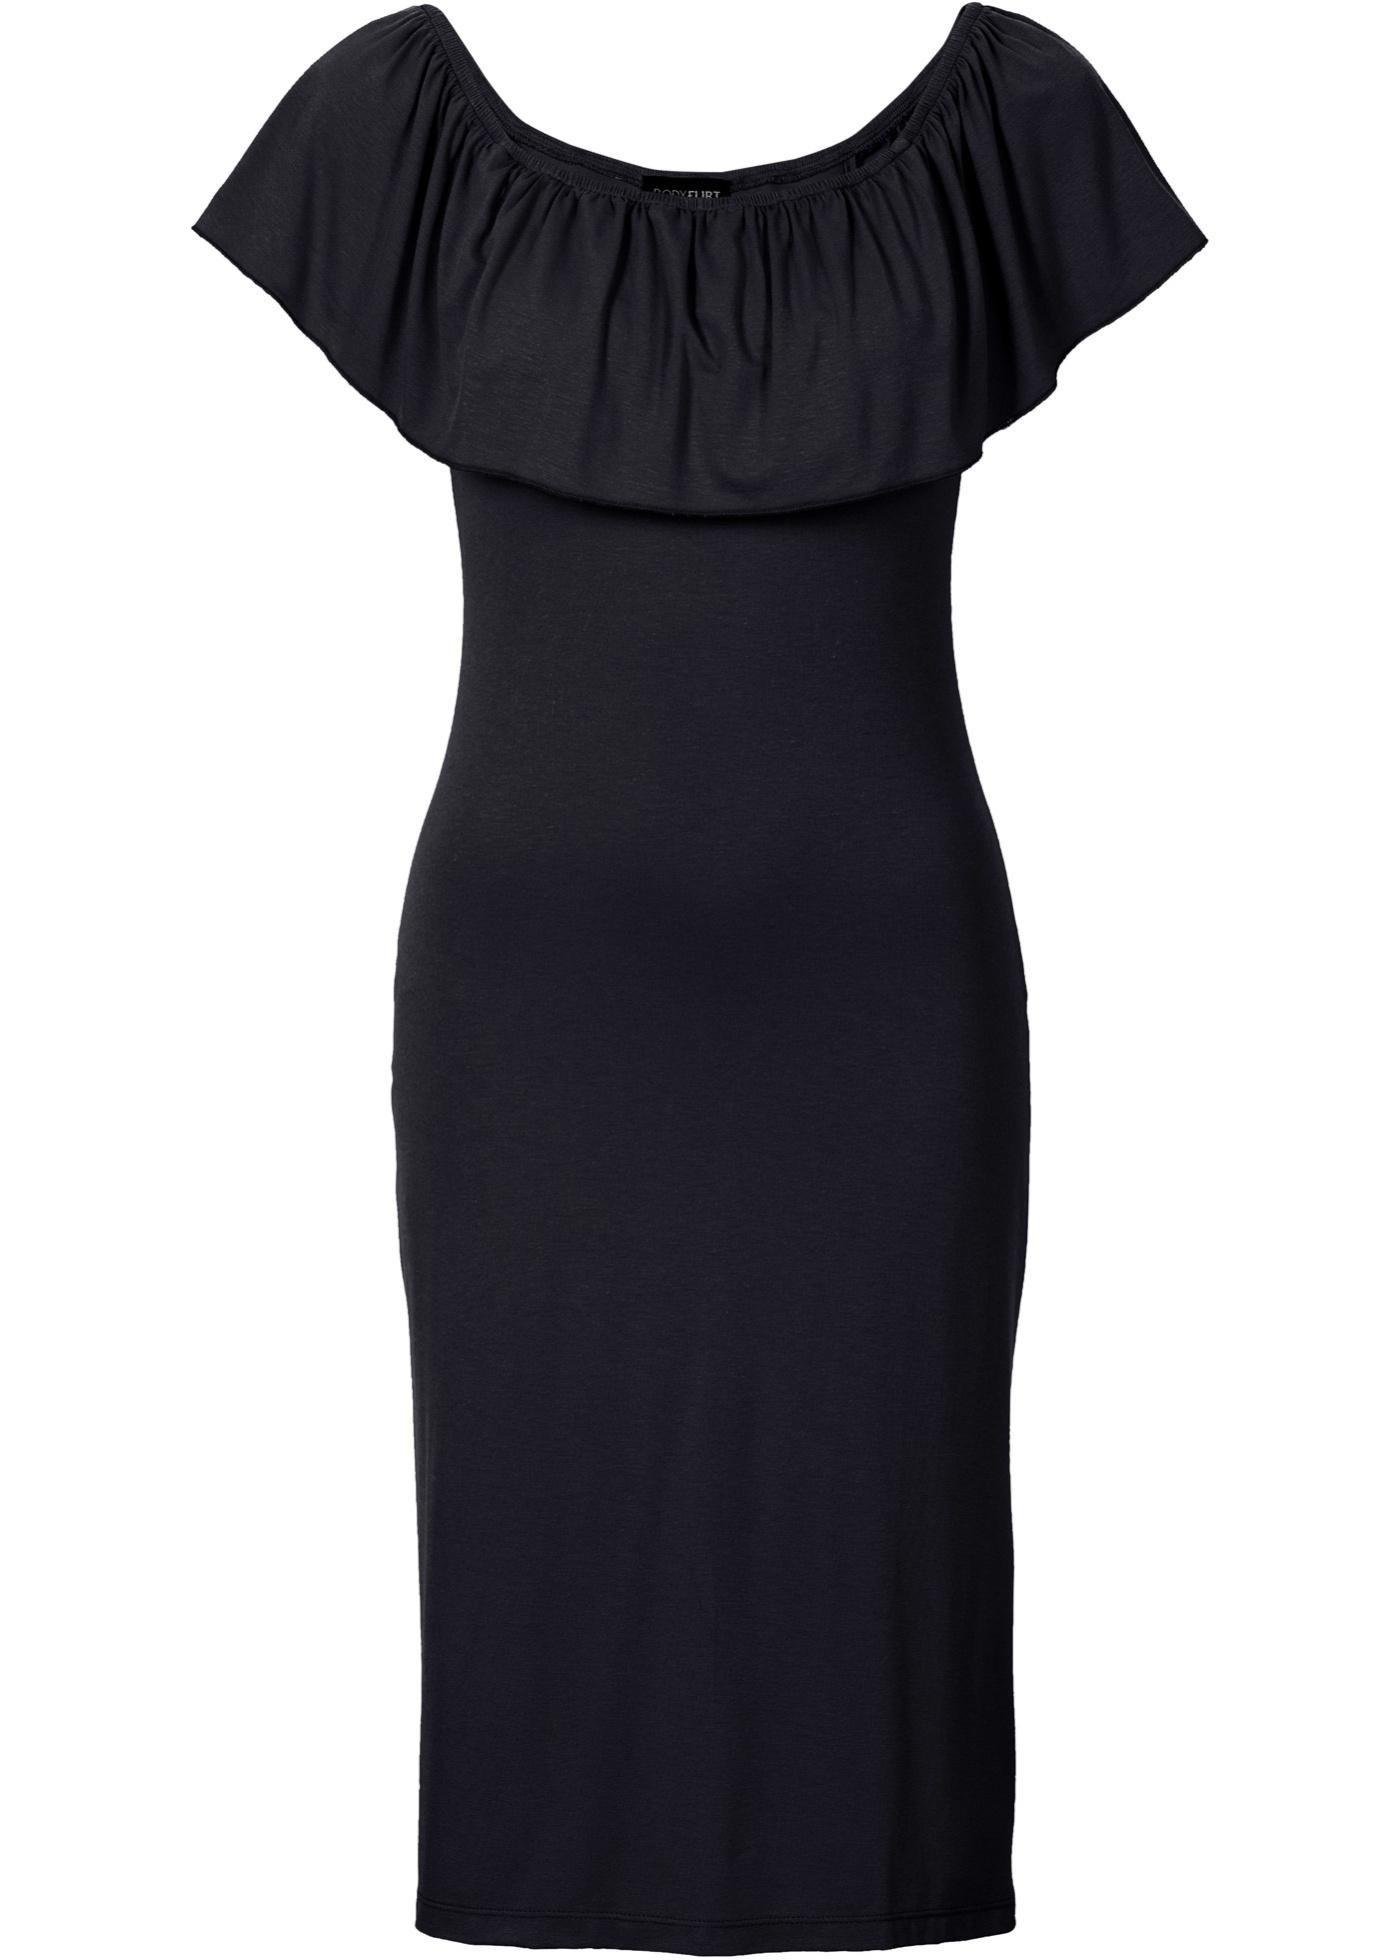 Letní žerzejové šaty s výstřihem Carmen - Černá 3eddd88d5b